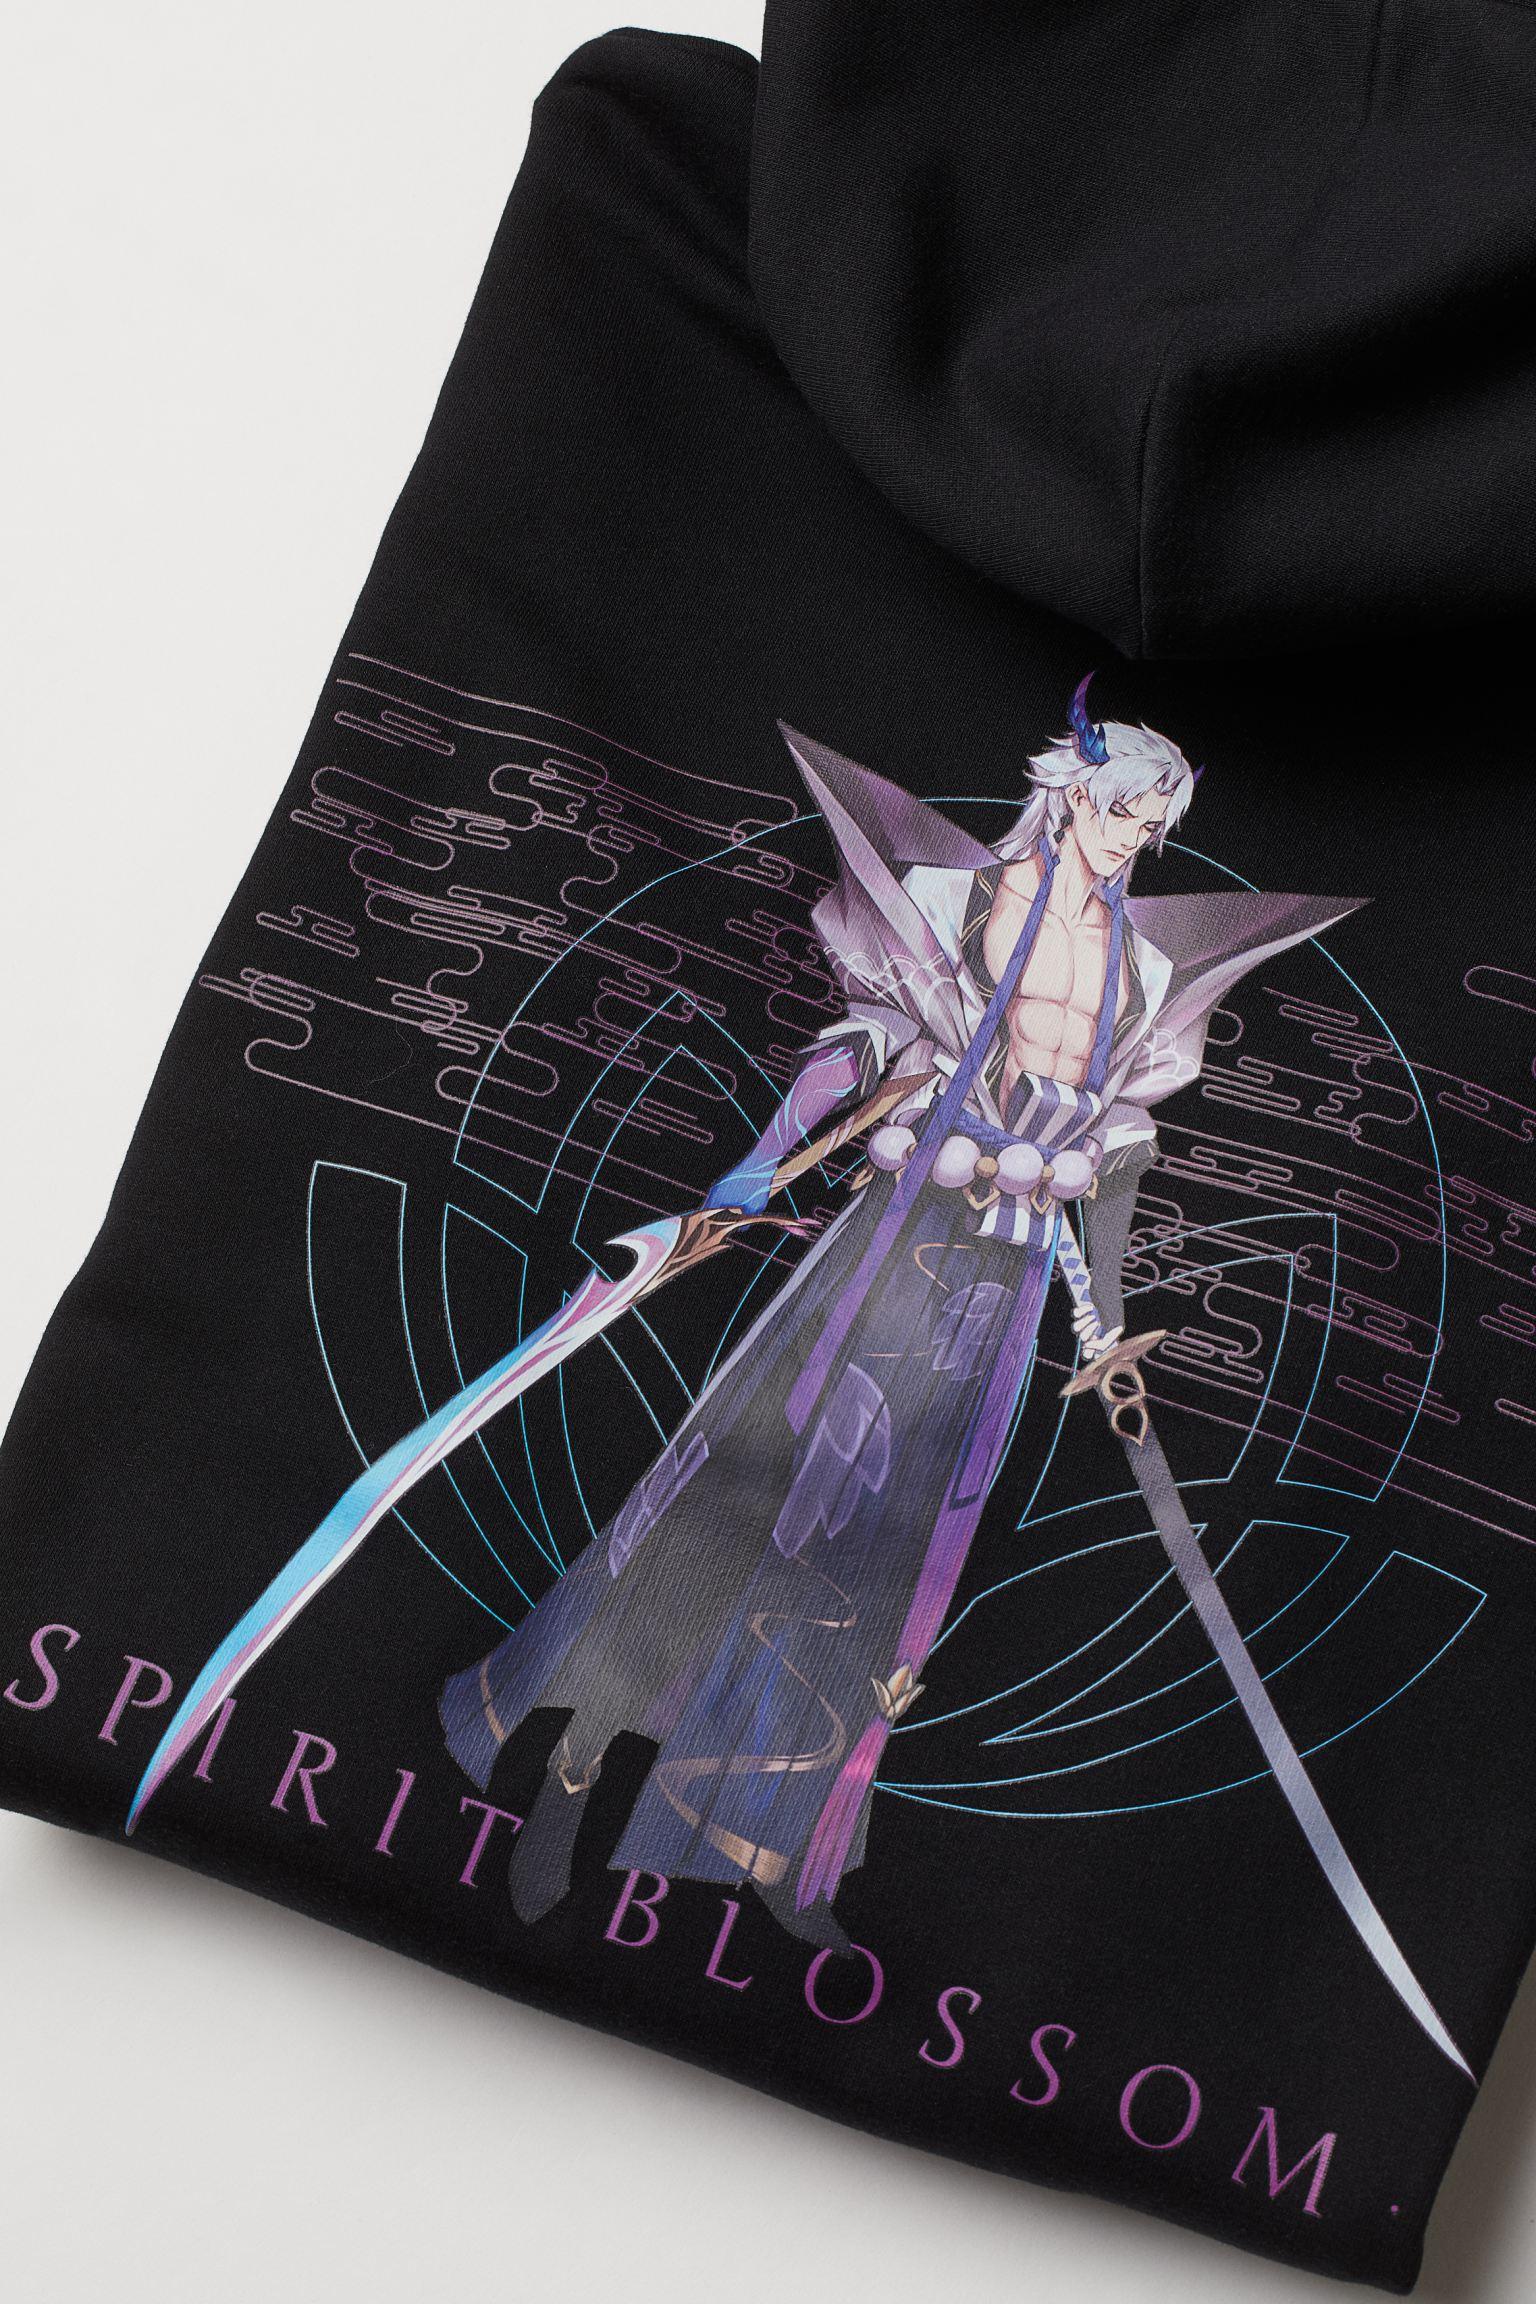 Sudadera oversize con ilustración en la espalda y logo en la manga de League of Legends